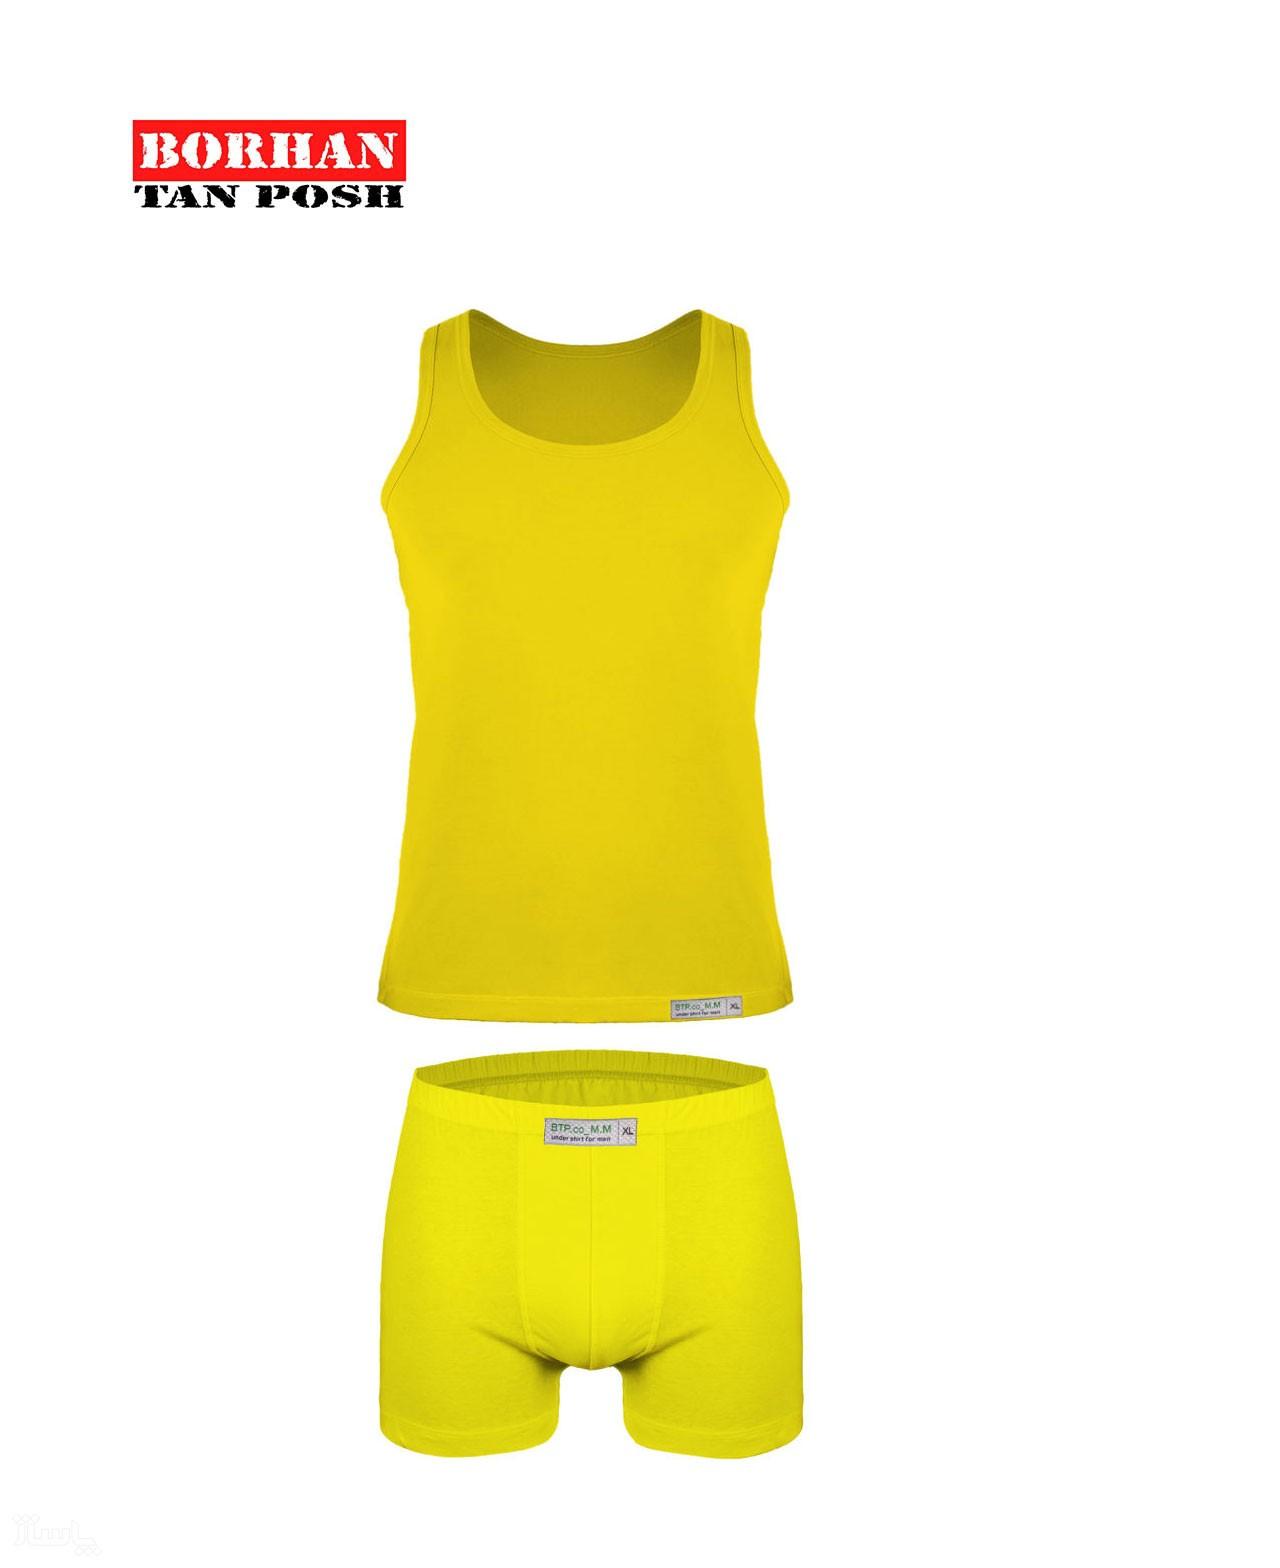 ست شورت و زیرپوش مردانه رنگی بی تی پی کد Z-004-تصویر اصلی